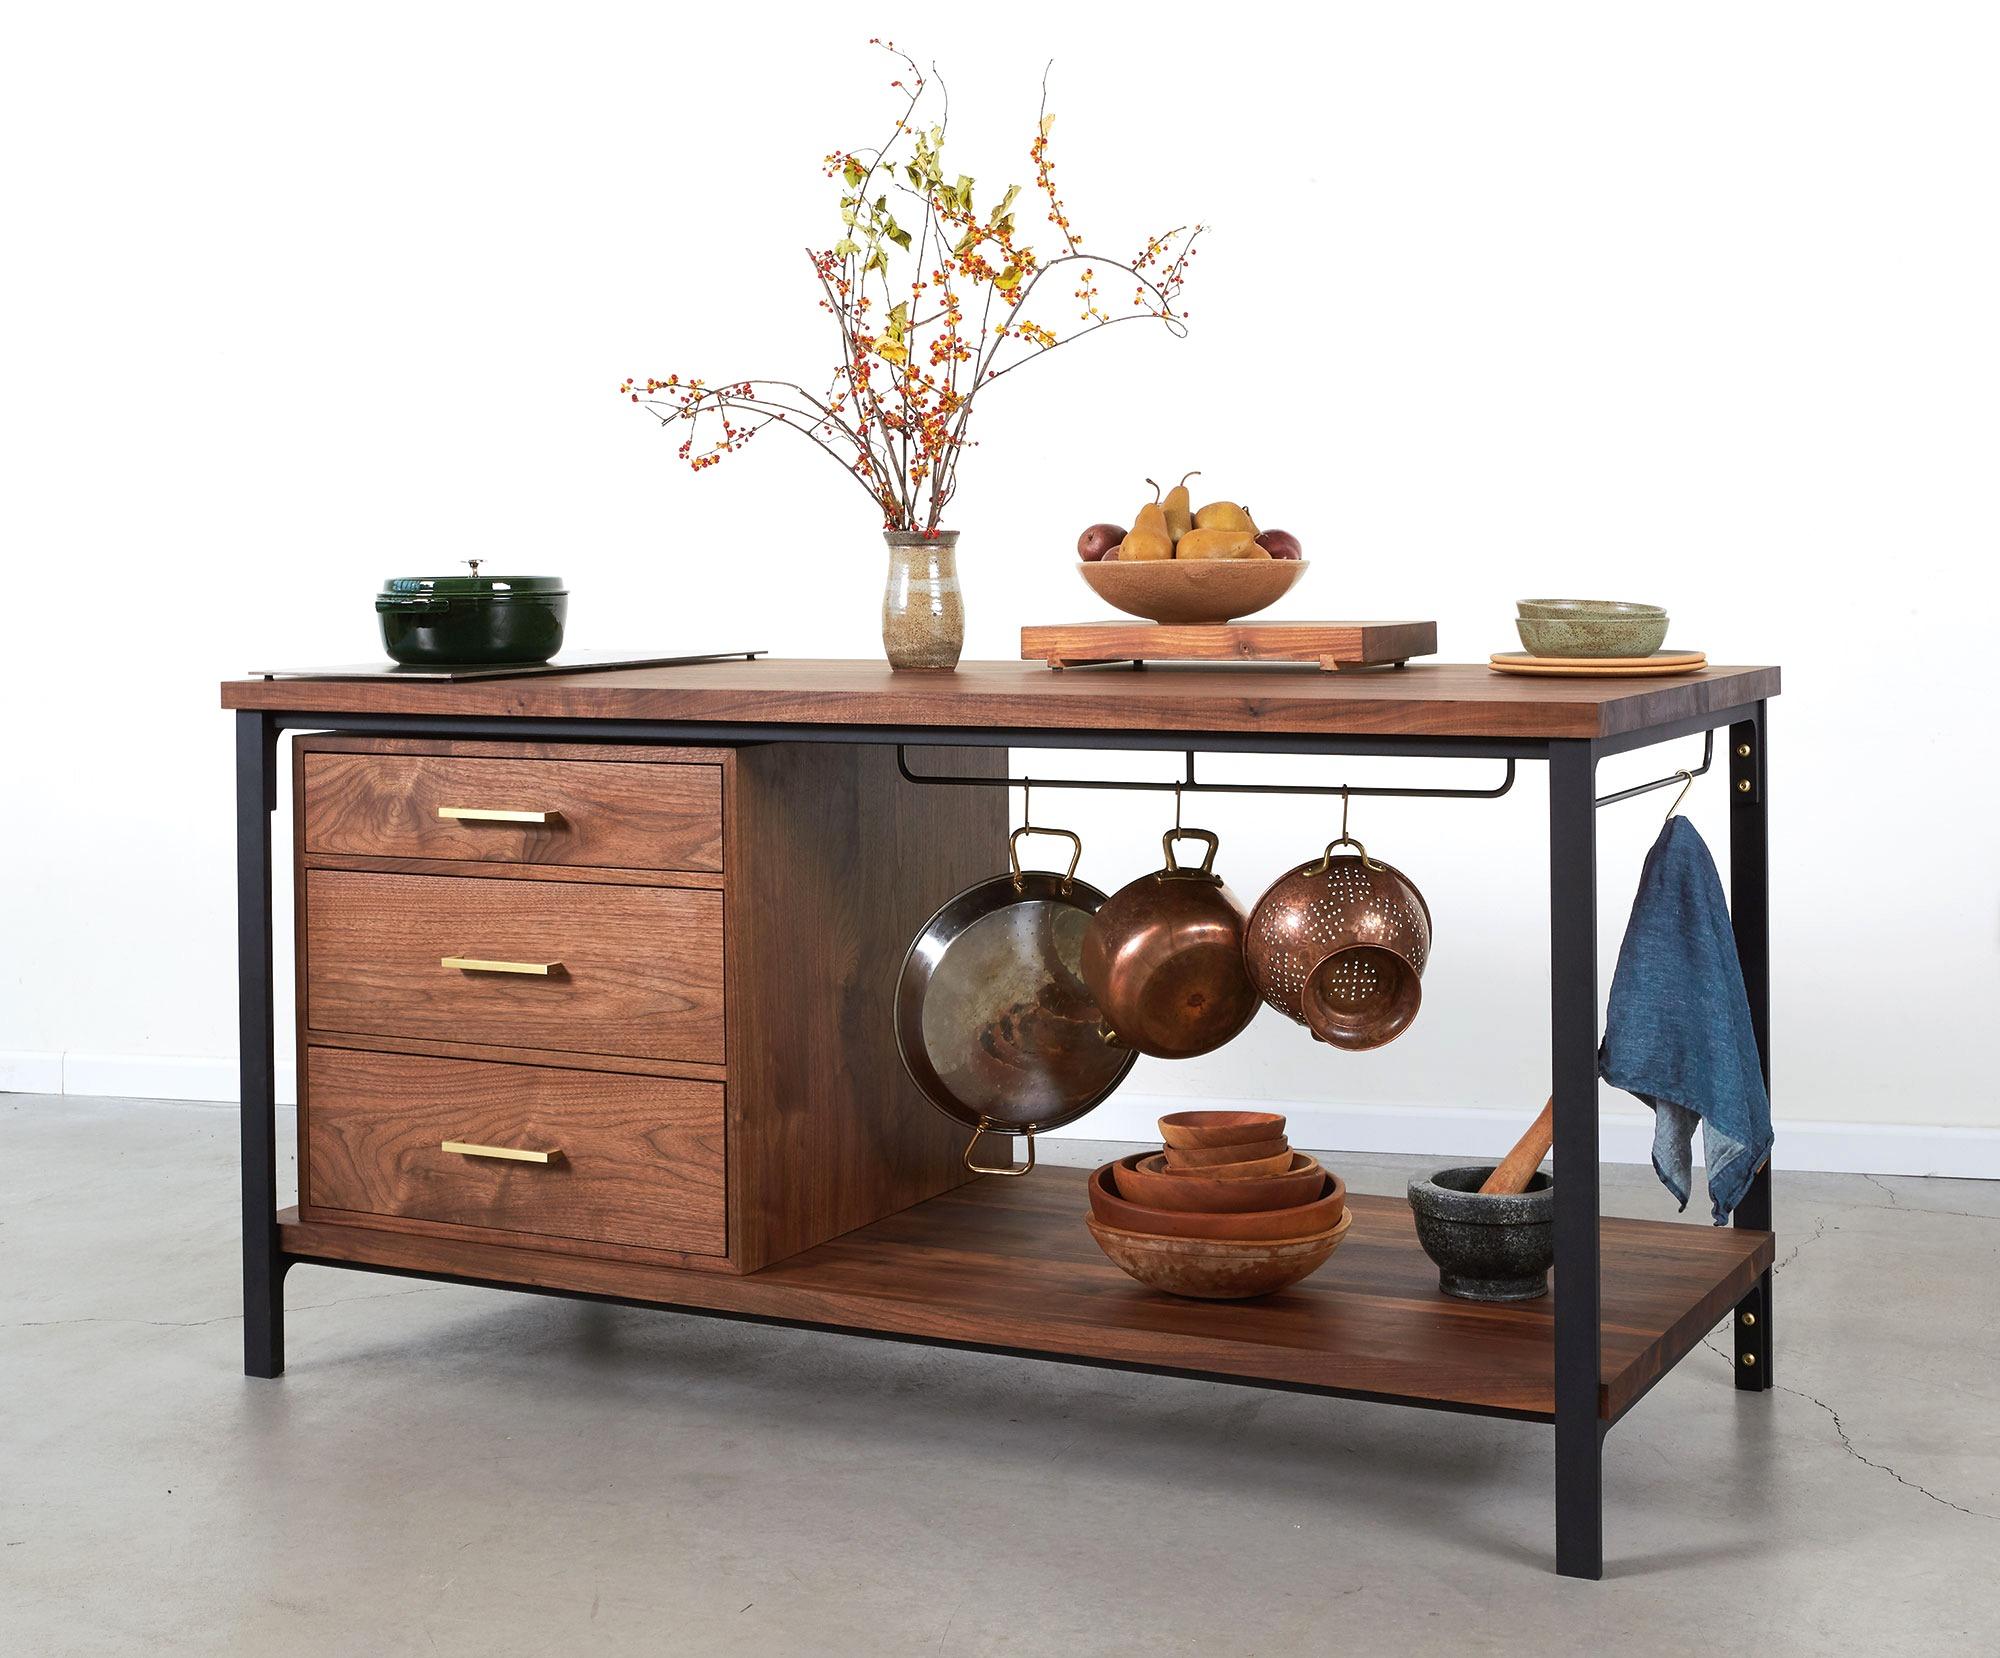 Elegant wooden side table